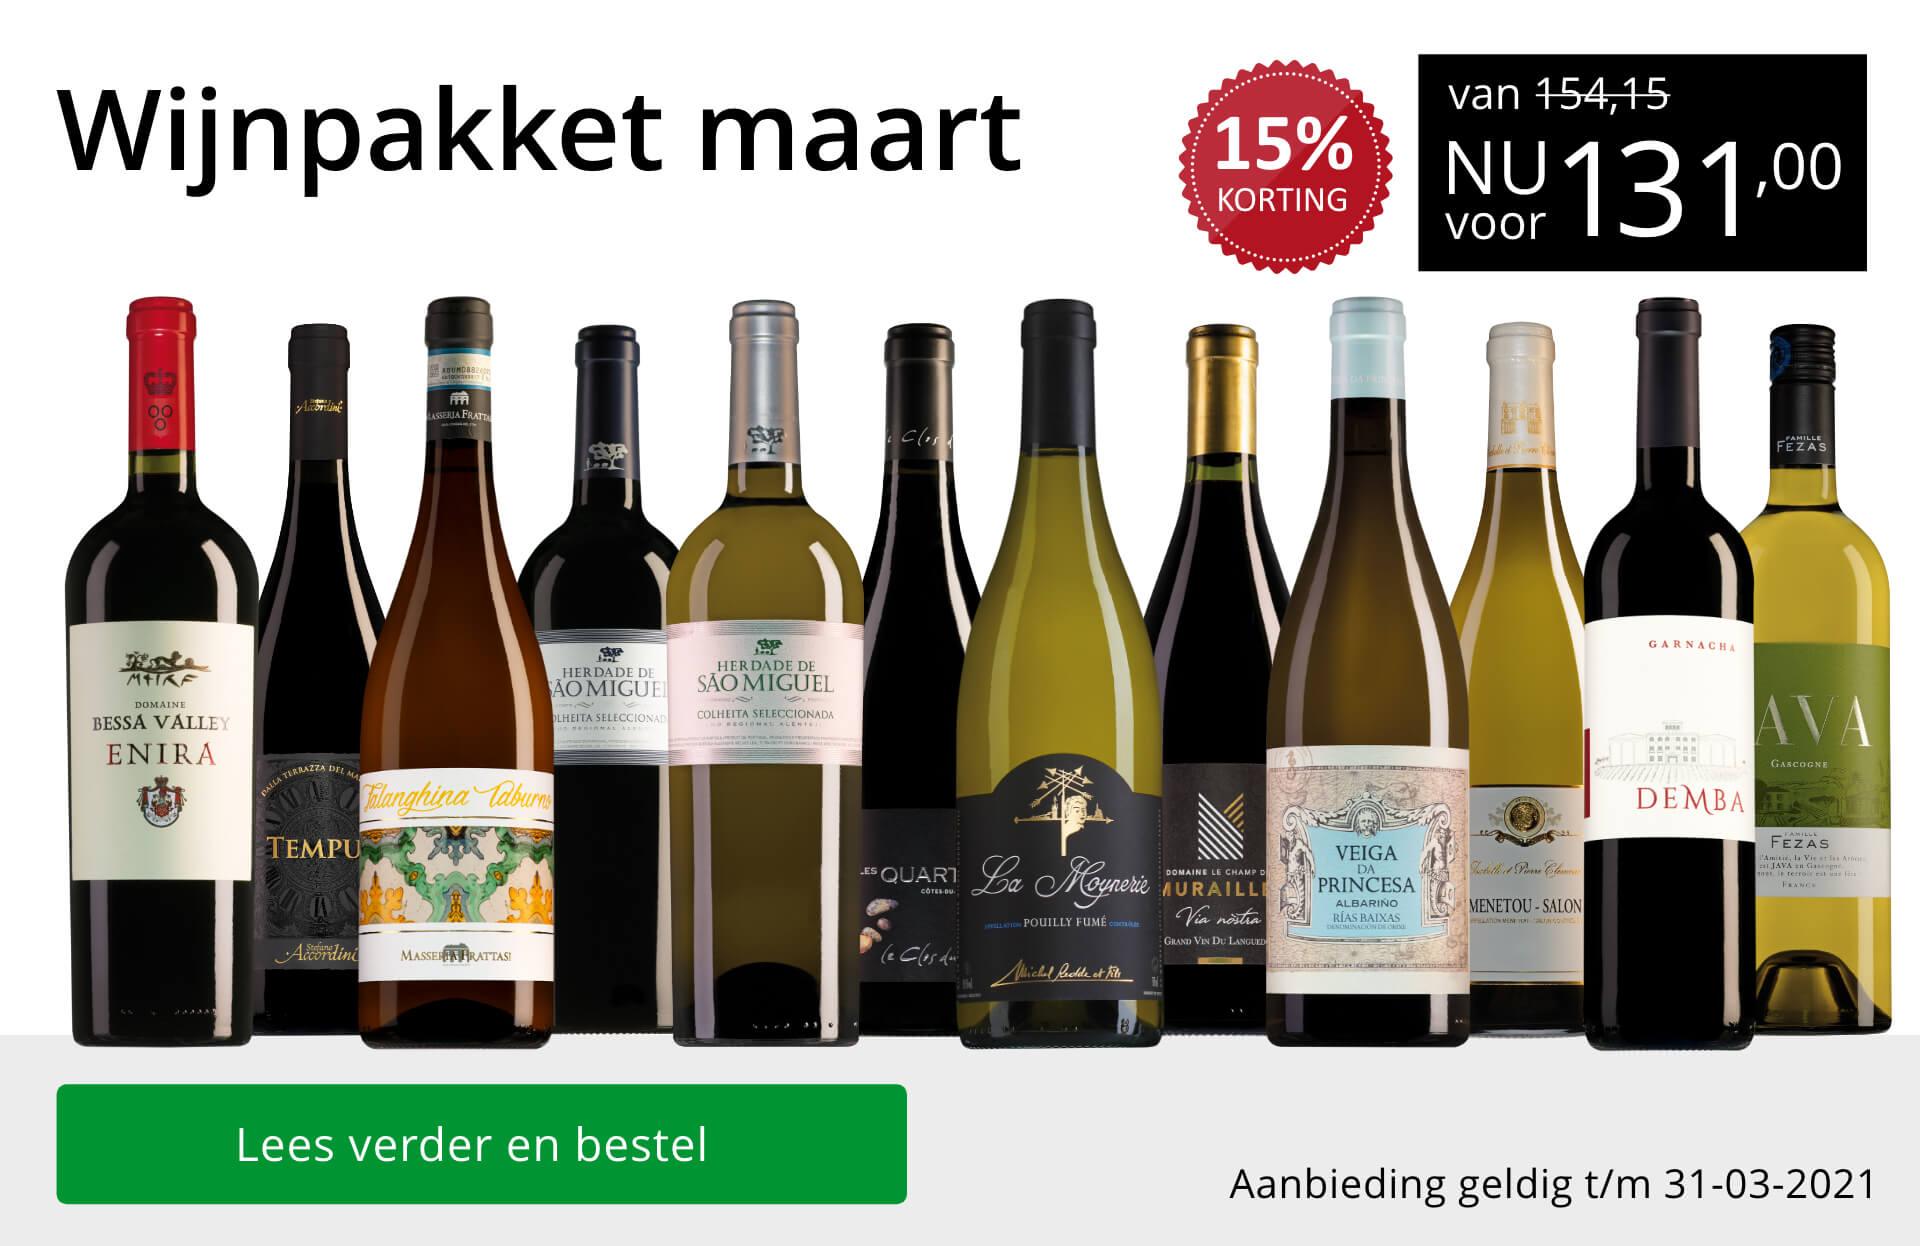 Wijnpakket wijnbericht maart 2021(131,00) - goud/zwart